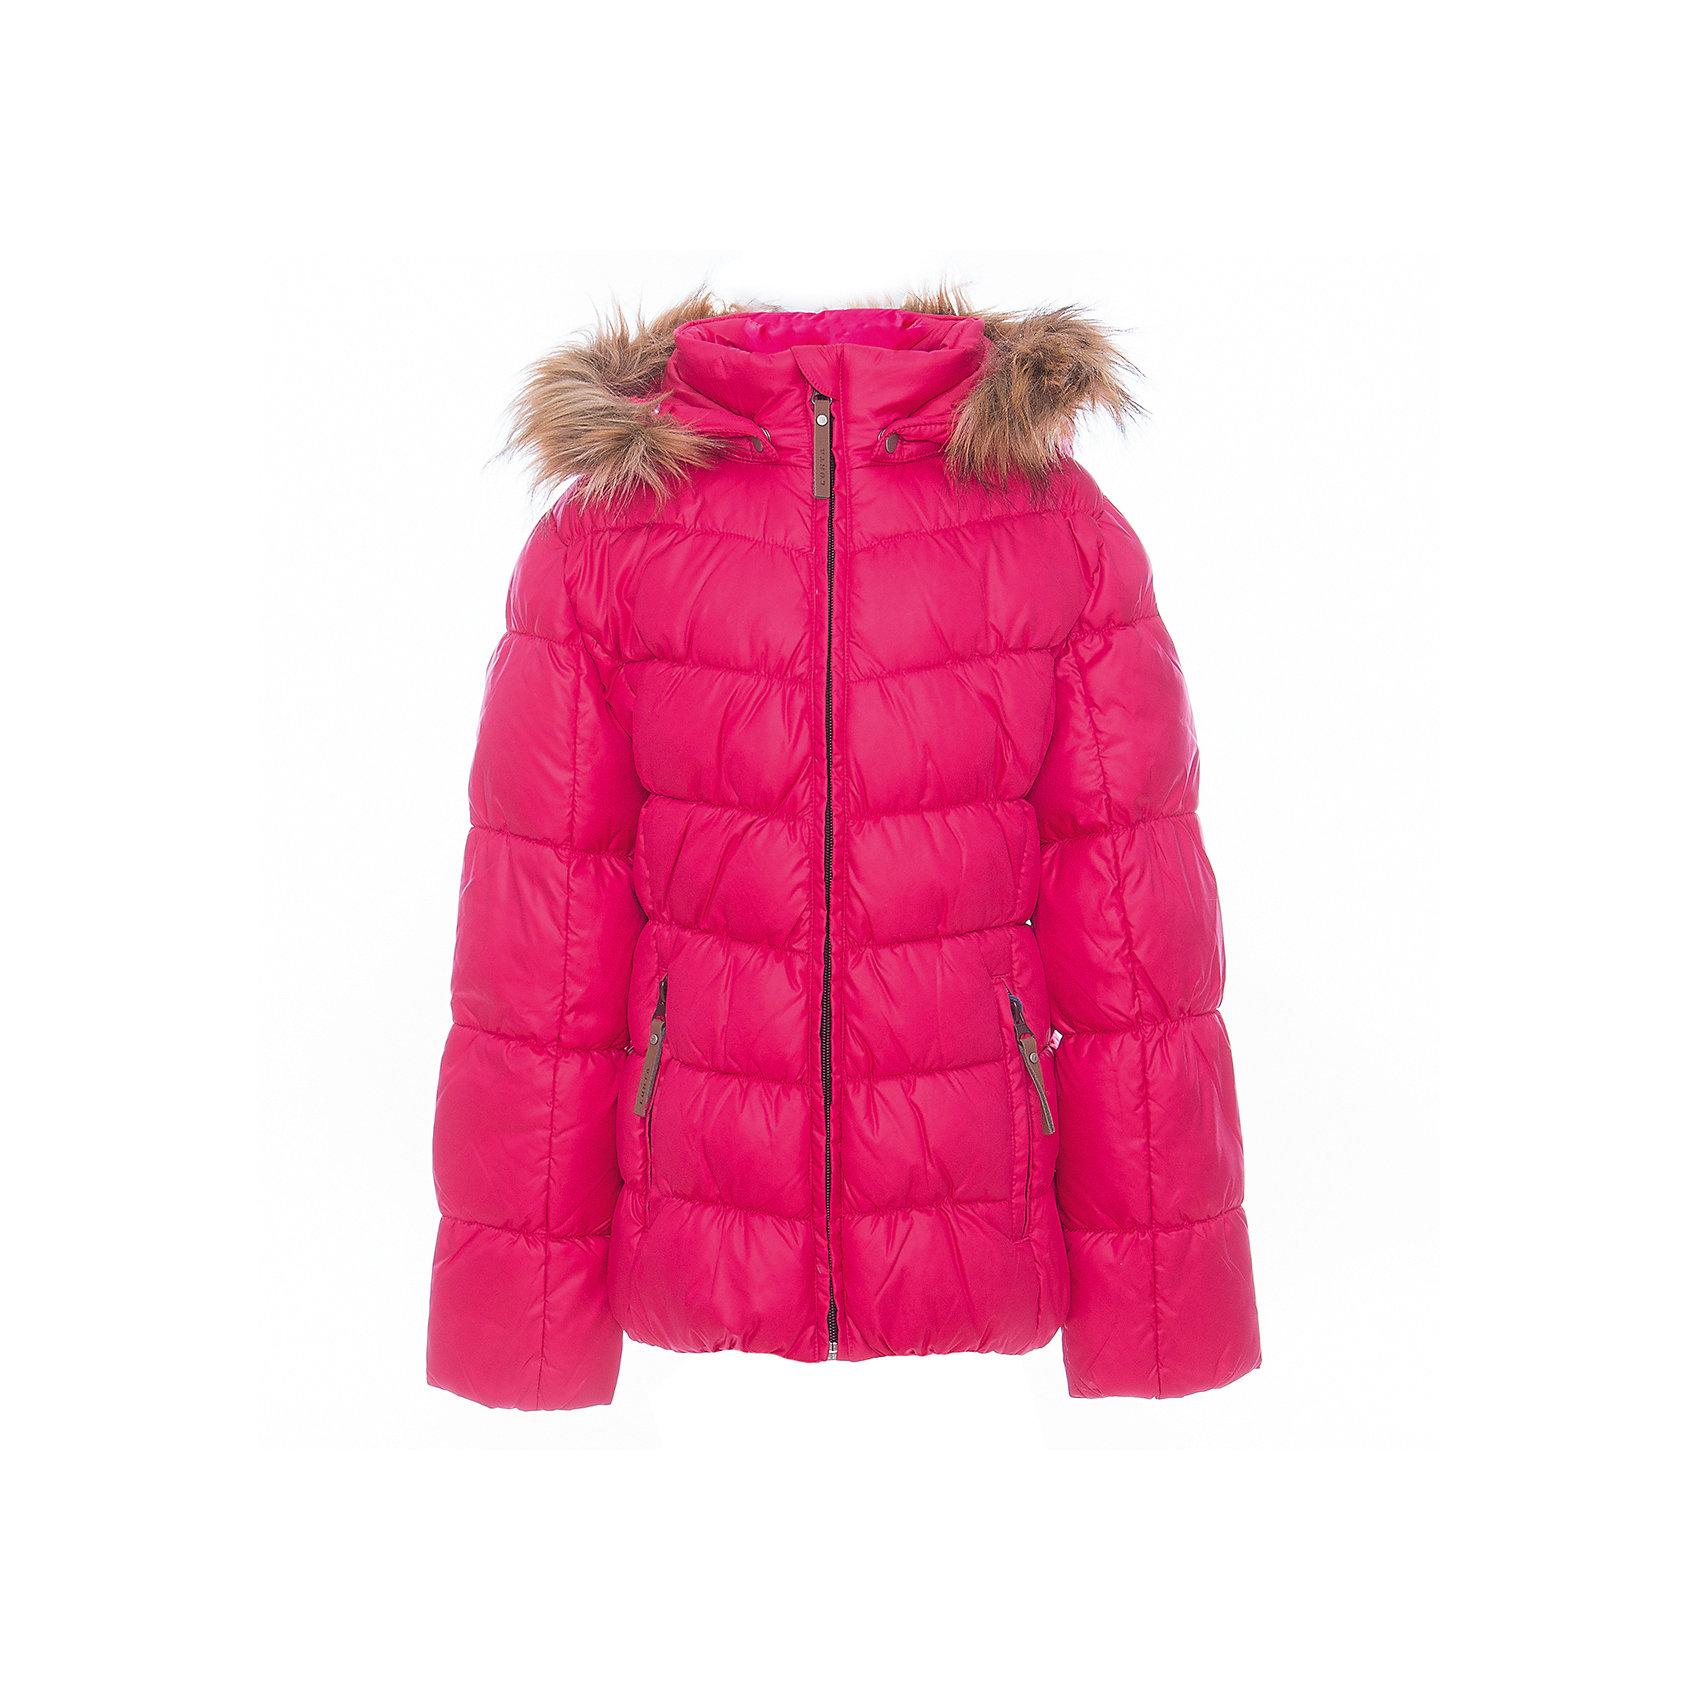 Куртка для девочки LuhtaОдежда<br>Куртка для девочки от известного бренда Luhta.<br>Куртка с отстегивающимся капюшоном, искусственный мех, элегантный силуэт, декоративная прострочка, боковые карманы на молнии, утепление 280 гр. Рекомендуемый температурный режим до -30 град. Внутри пальто находится температурный датчик.<br>Технологии: Luhta WATER REPELLENT; Luhta SAFETY; Luhta TEMPERATURE CONTROL; Luhta DOWN MIX; Luhta -30; Reflectors<br>Состав:<br>100% полиэстер<br><br>Ширина мм: 356<br>Глубина мм: 10<br>Высота мм: 245<br>Вес г: 519<br>Цвет: синий<br>Возраст от месяцев: 156<br>Возраст до месяцев: 168<br>Пол: Женский<br>Возраст: Детский<br>Размер: 164,134,140,146,152,158<br>SKU: 5413996